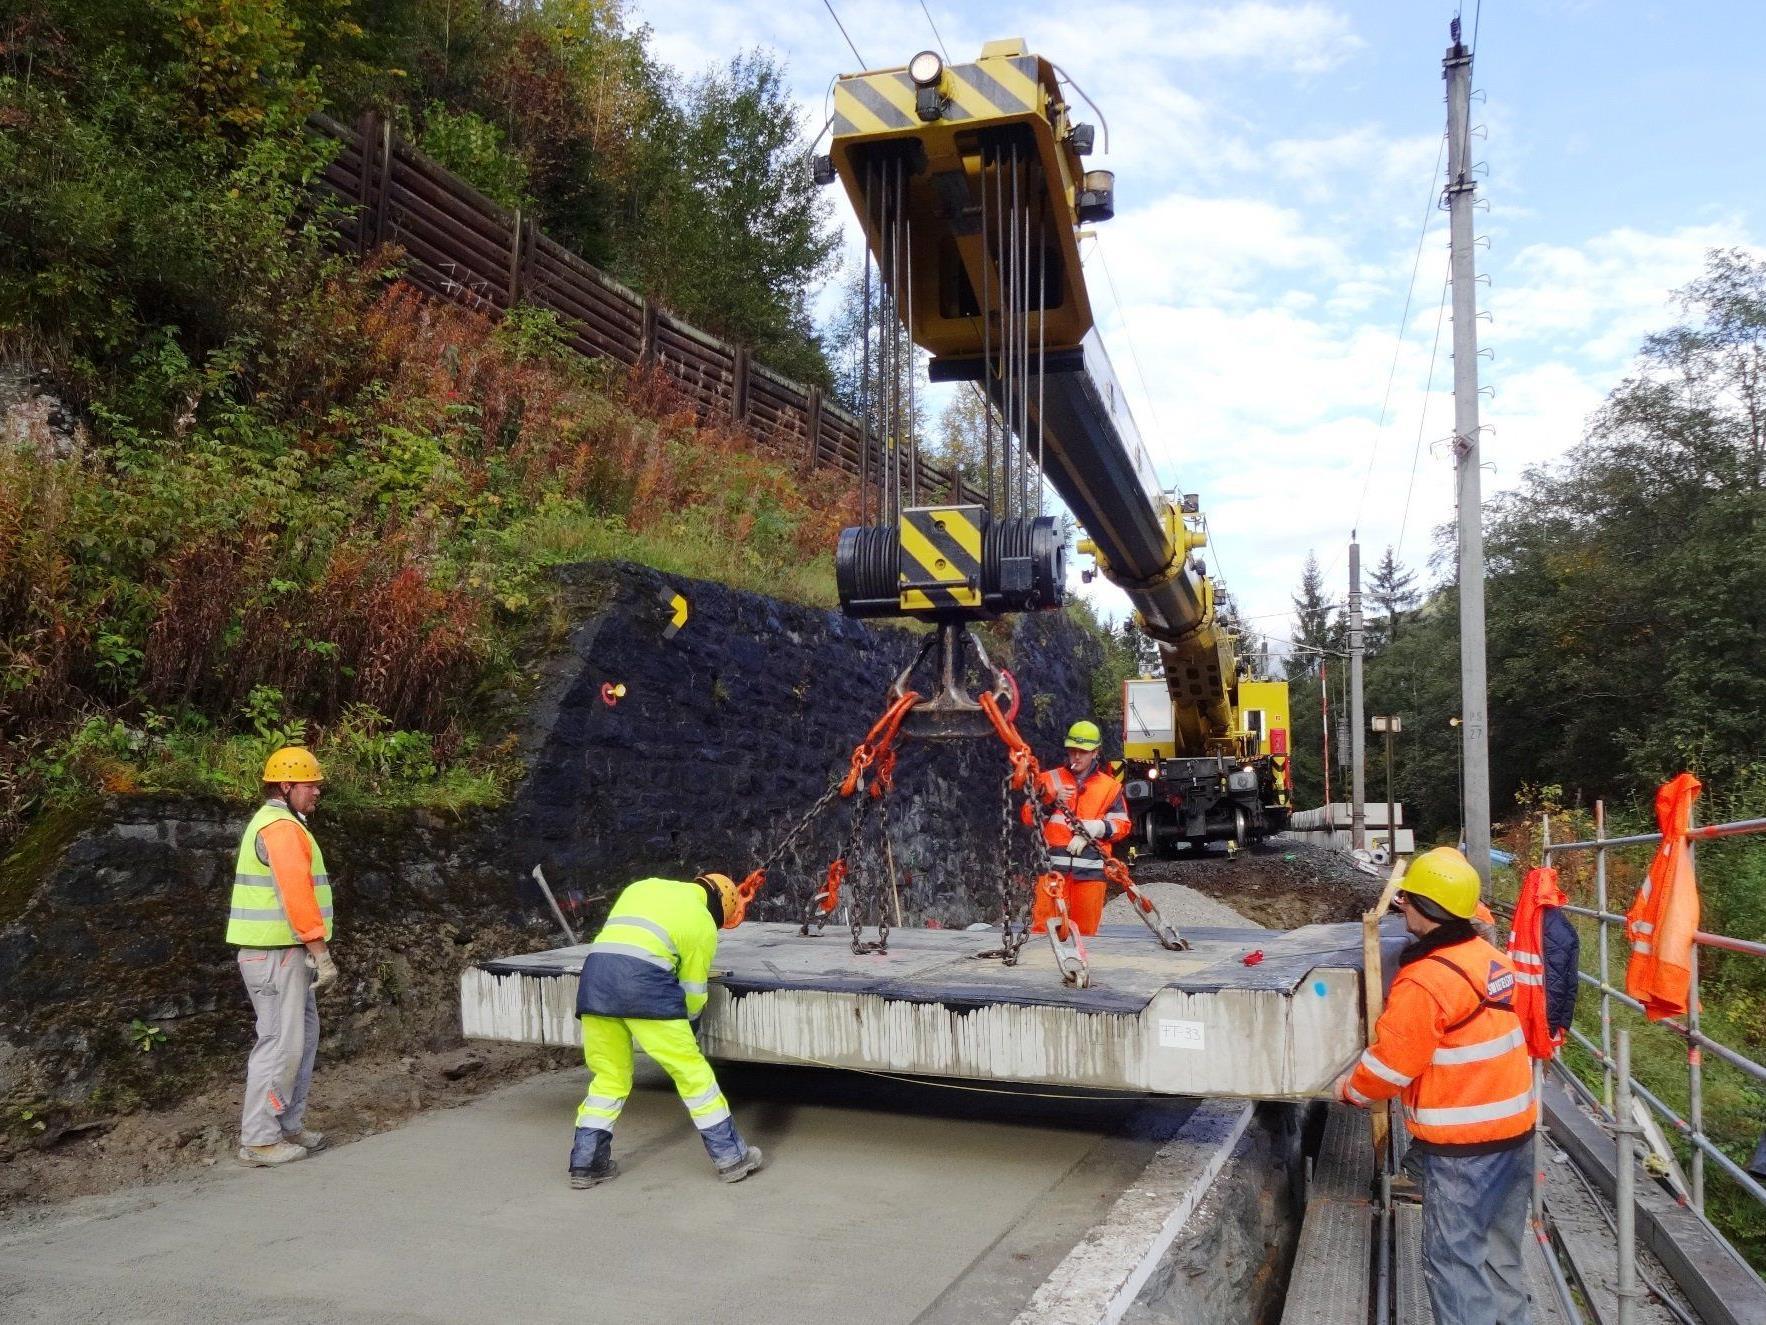 In der Nacht von 20./21. Juni kommt auf der Arlbergbahn bei Landeck ein großer Schienenkran beim Ausbau der Hilfsbrücke zum Einsatz.